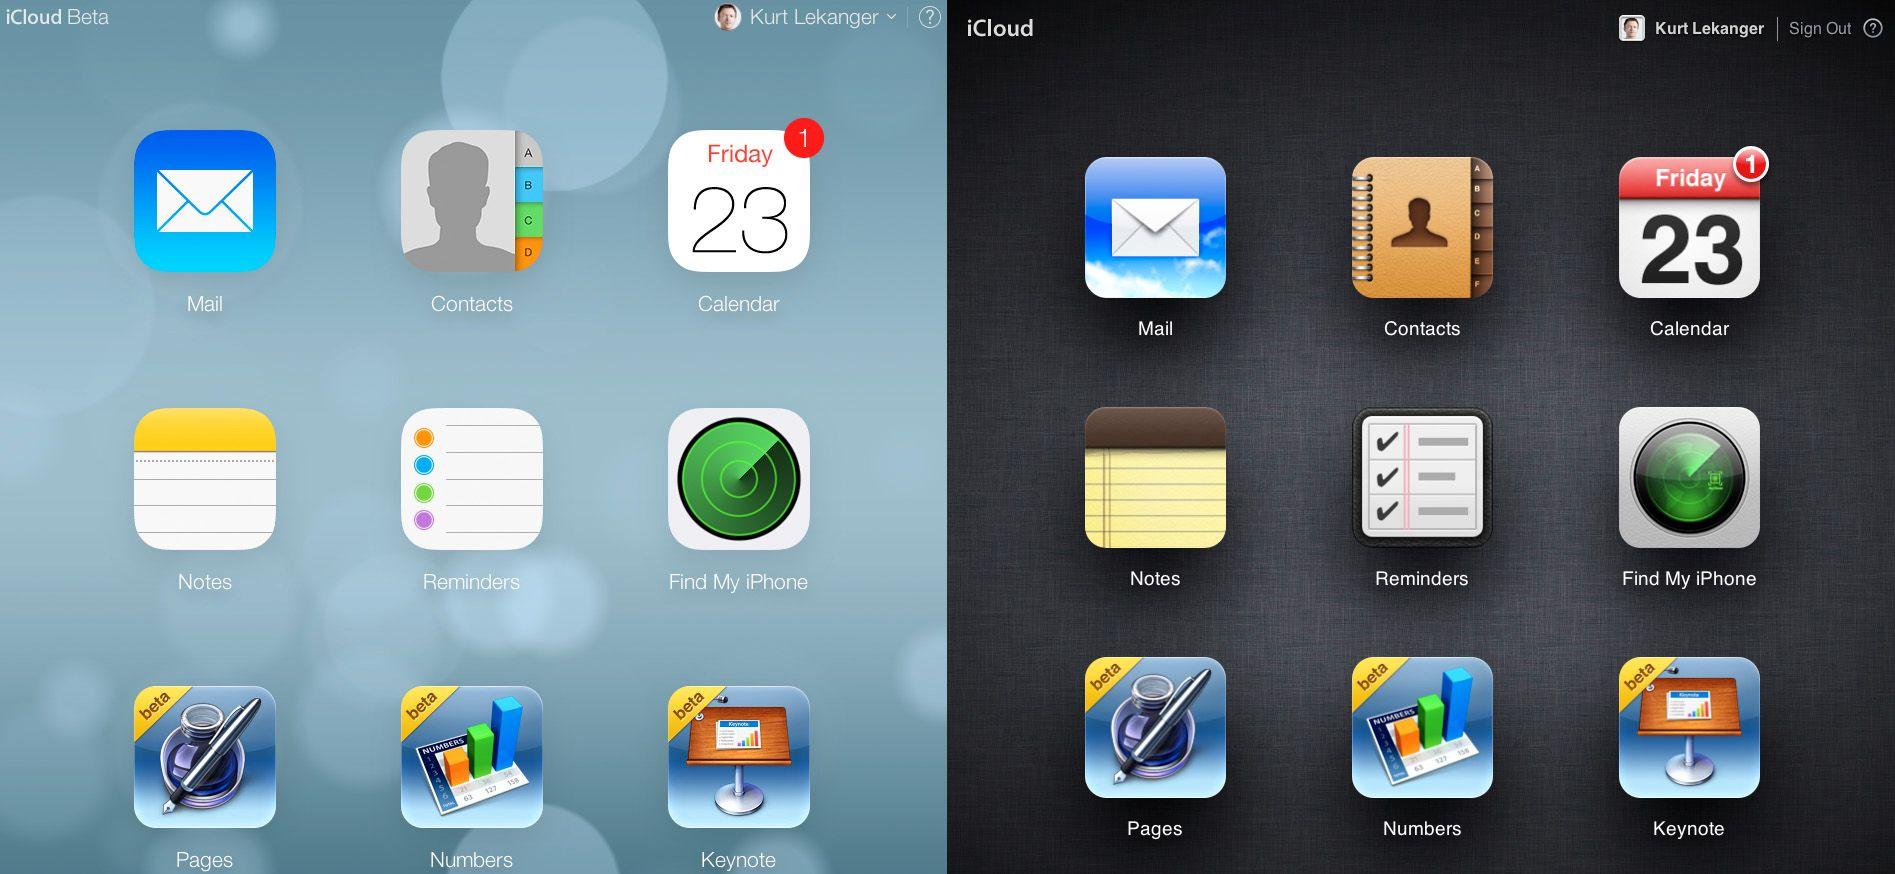 Slik ser den nye og den gamle versjonen av iCloud ut ved siden av hverandre.